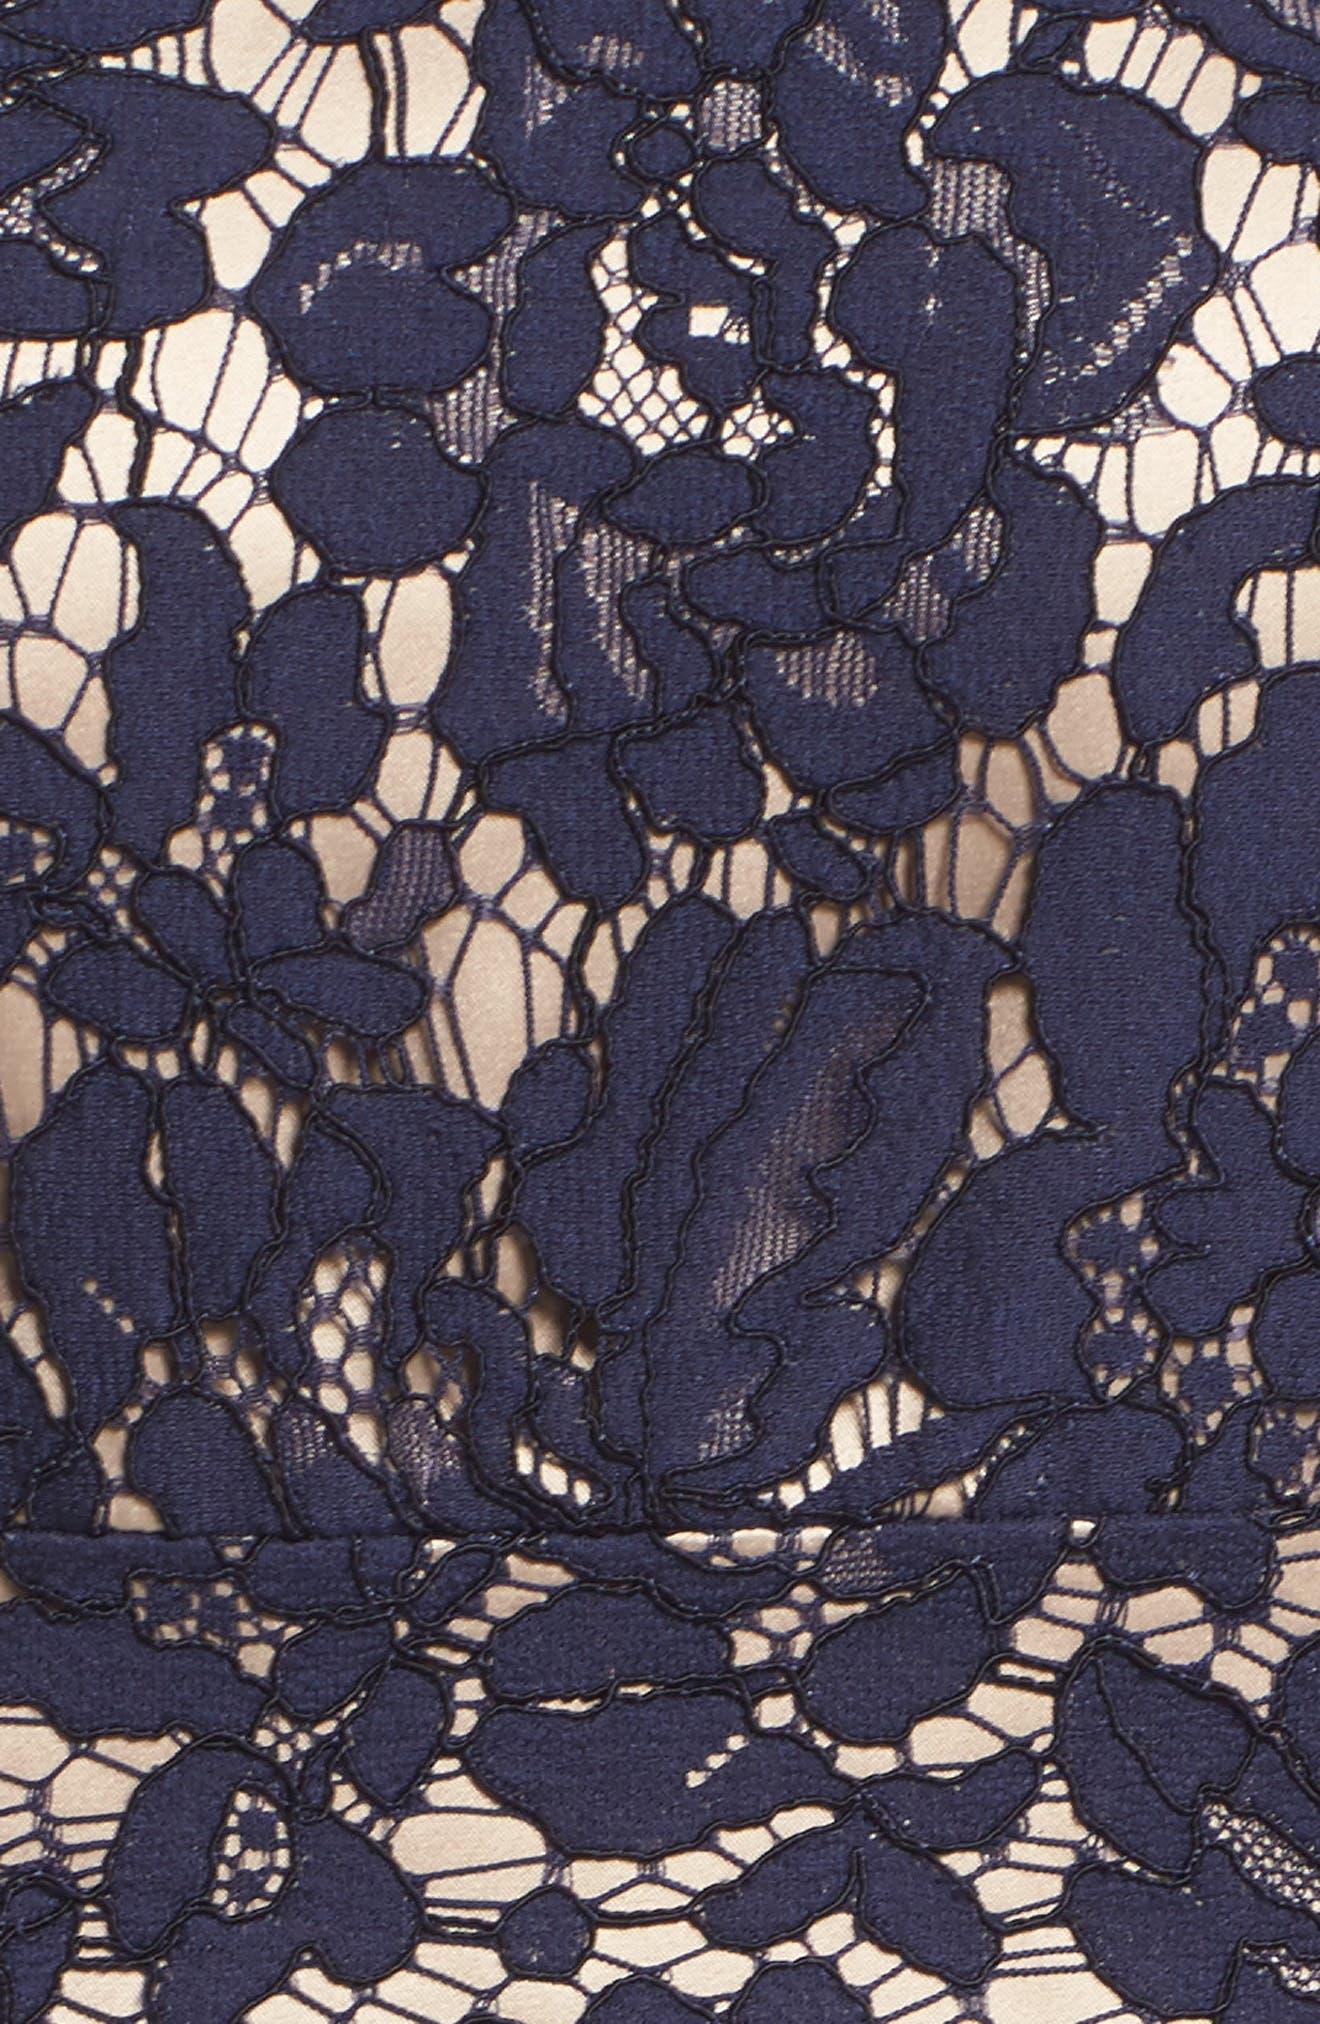 Illusion Yoke Lace Fit & Flare Dress,                             Alternate thumbnail 5, color,                             410